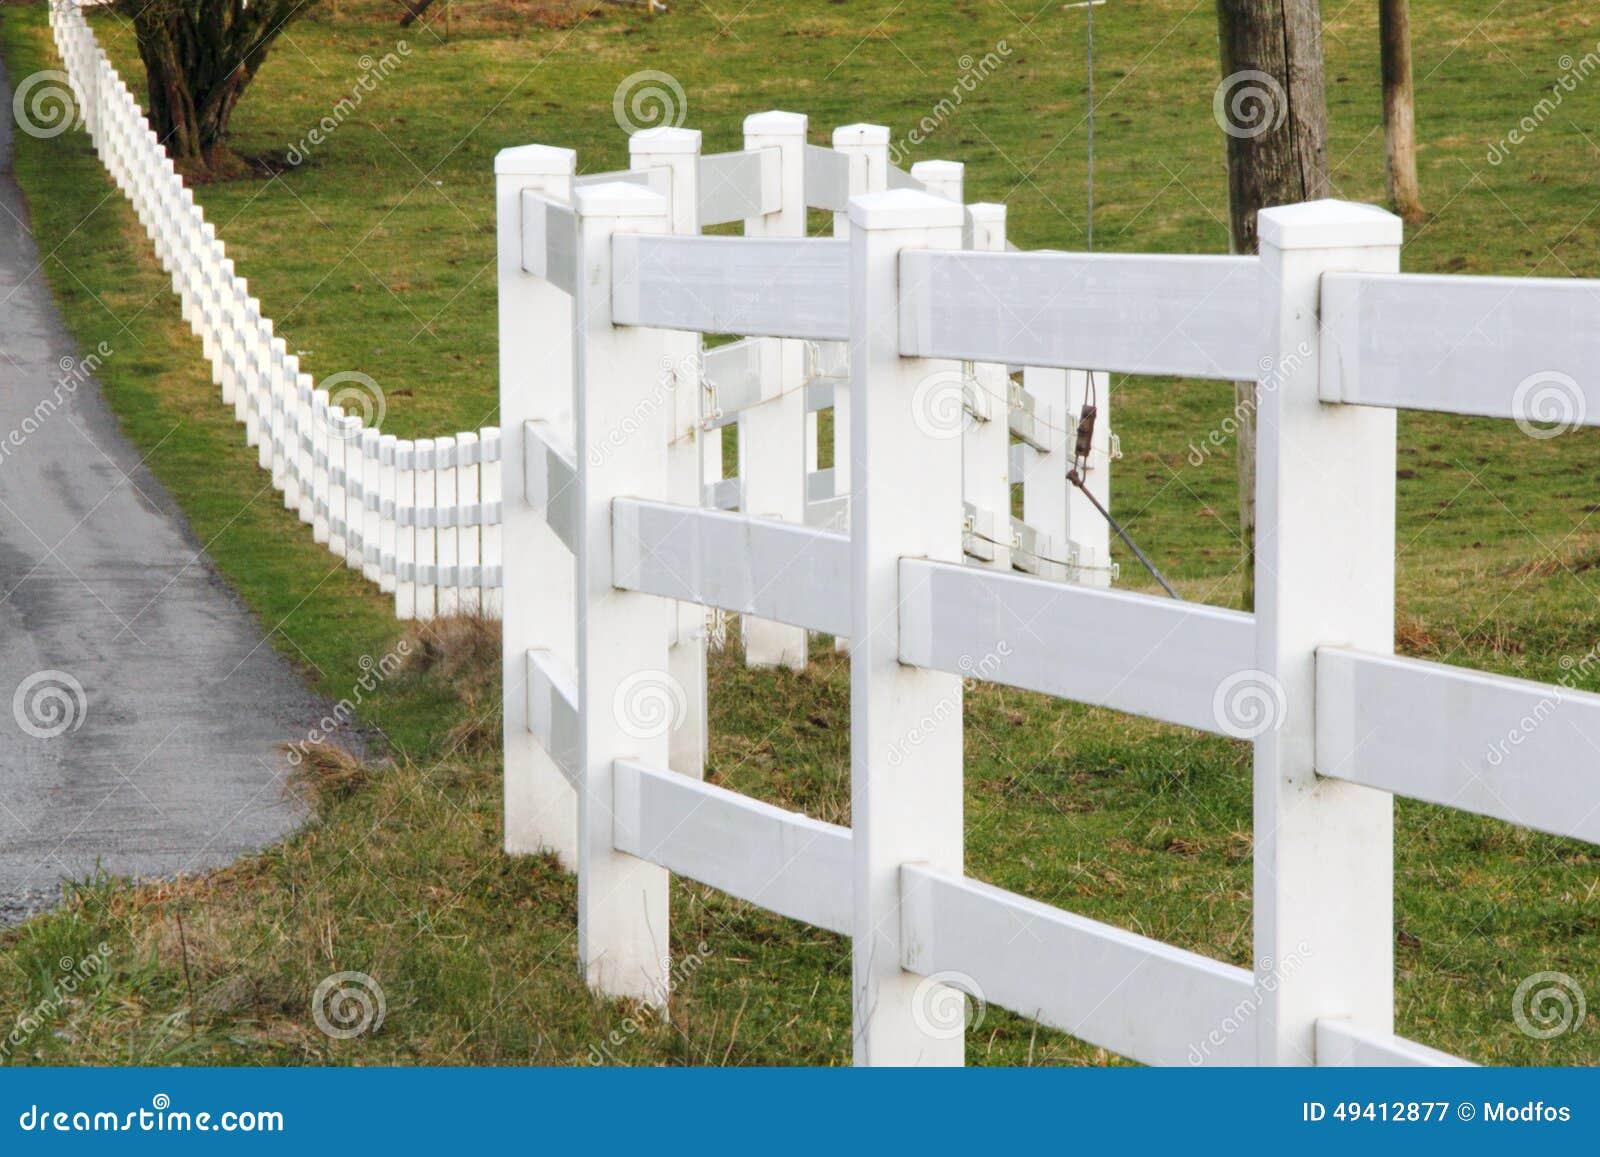 Download Weißer Eigentums-Grenzzaun stockbild. Bild von hölzern - 49412877